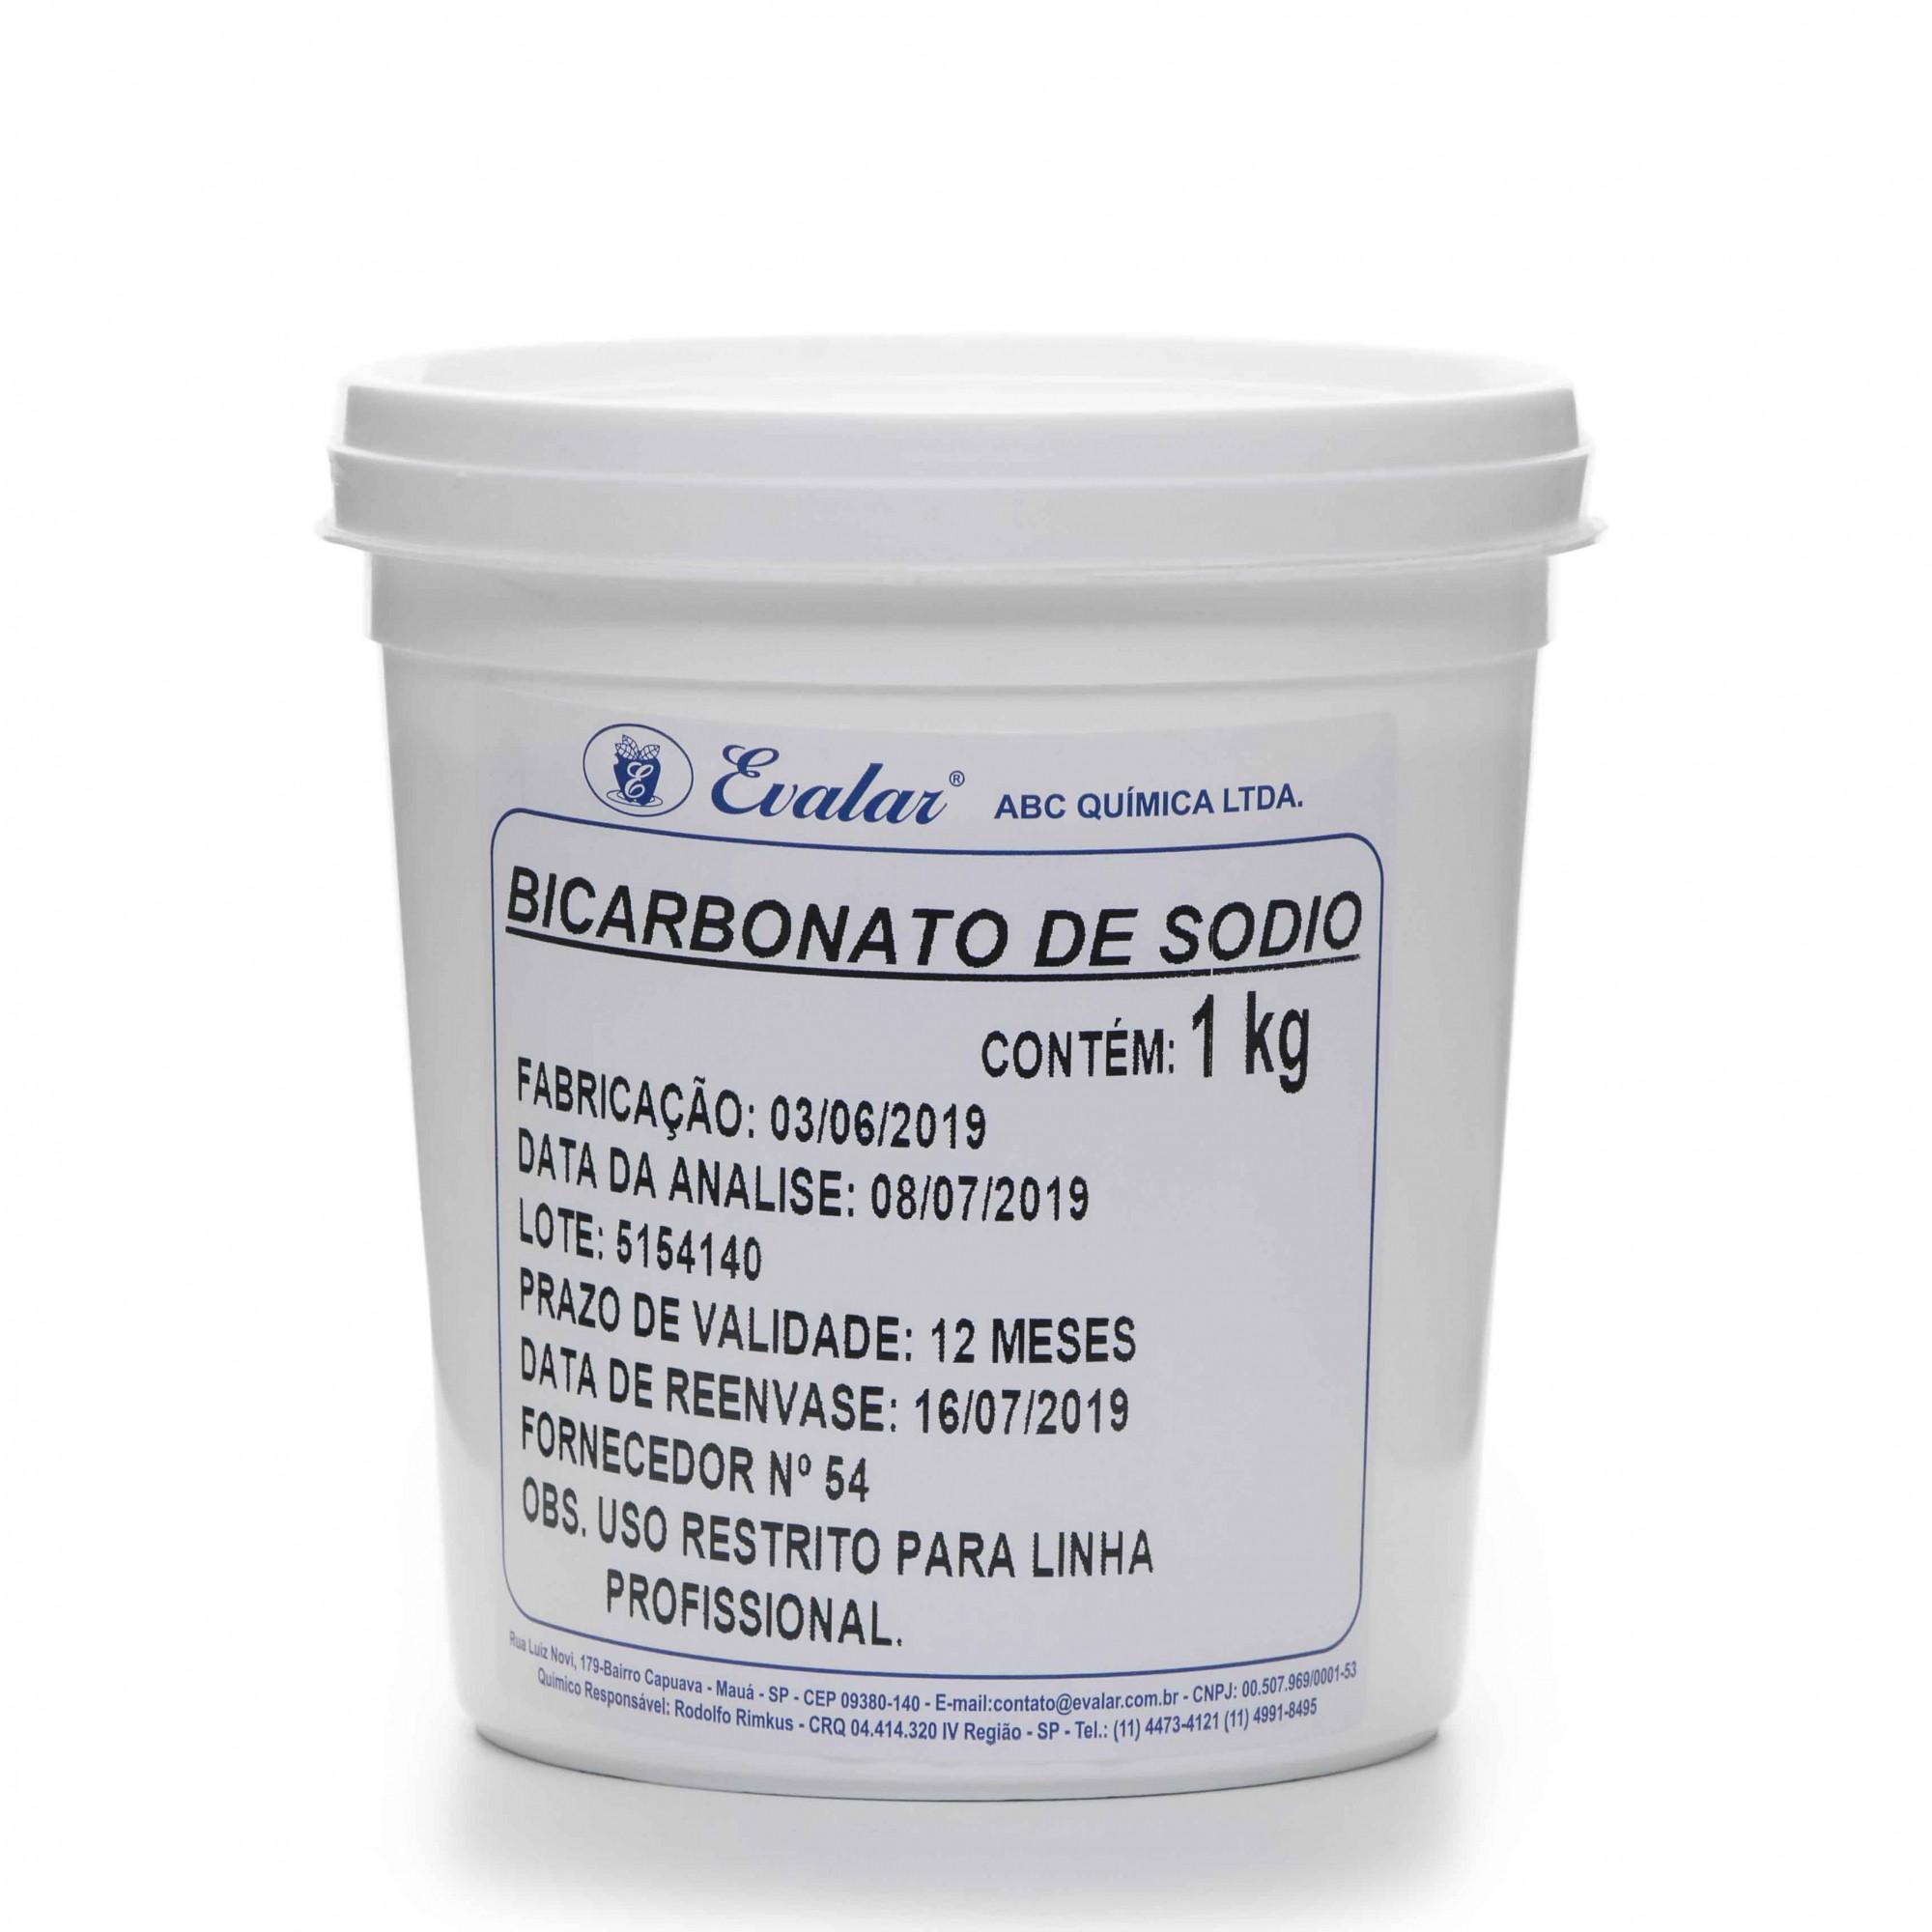 BICARBONATO DE SÓDIO 1KG